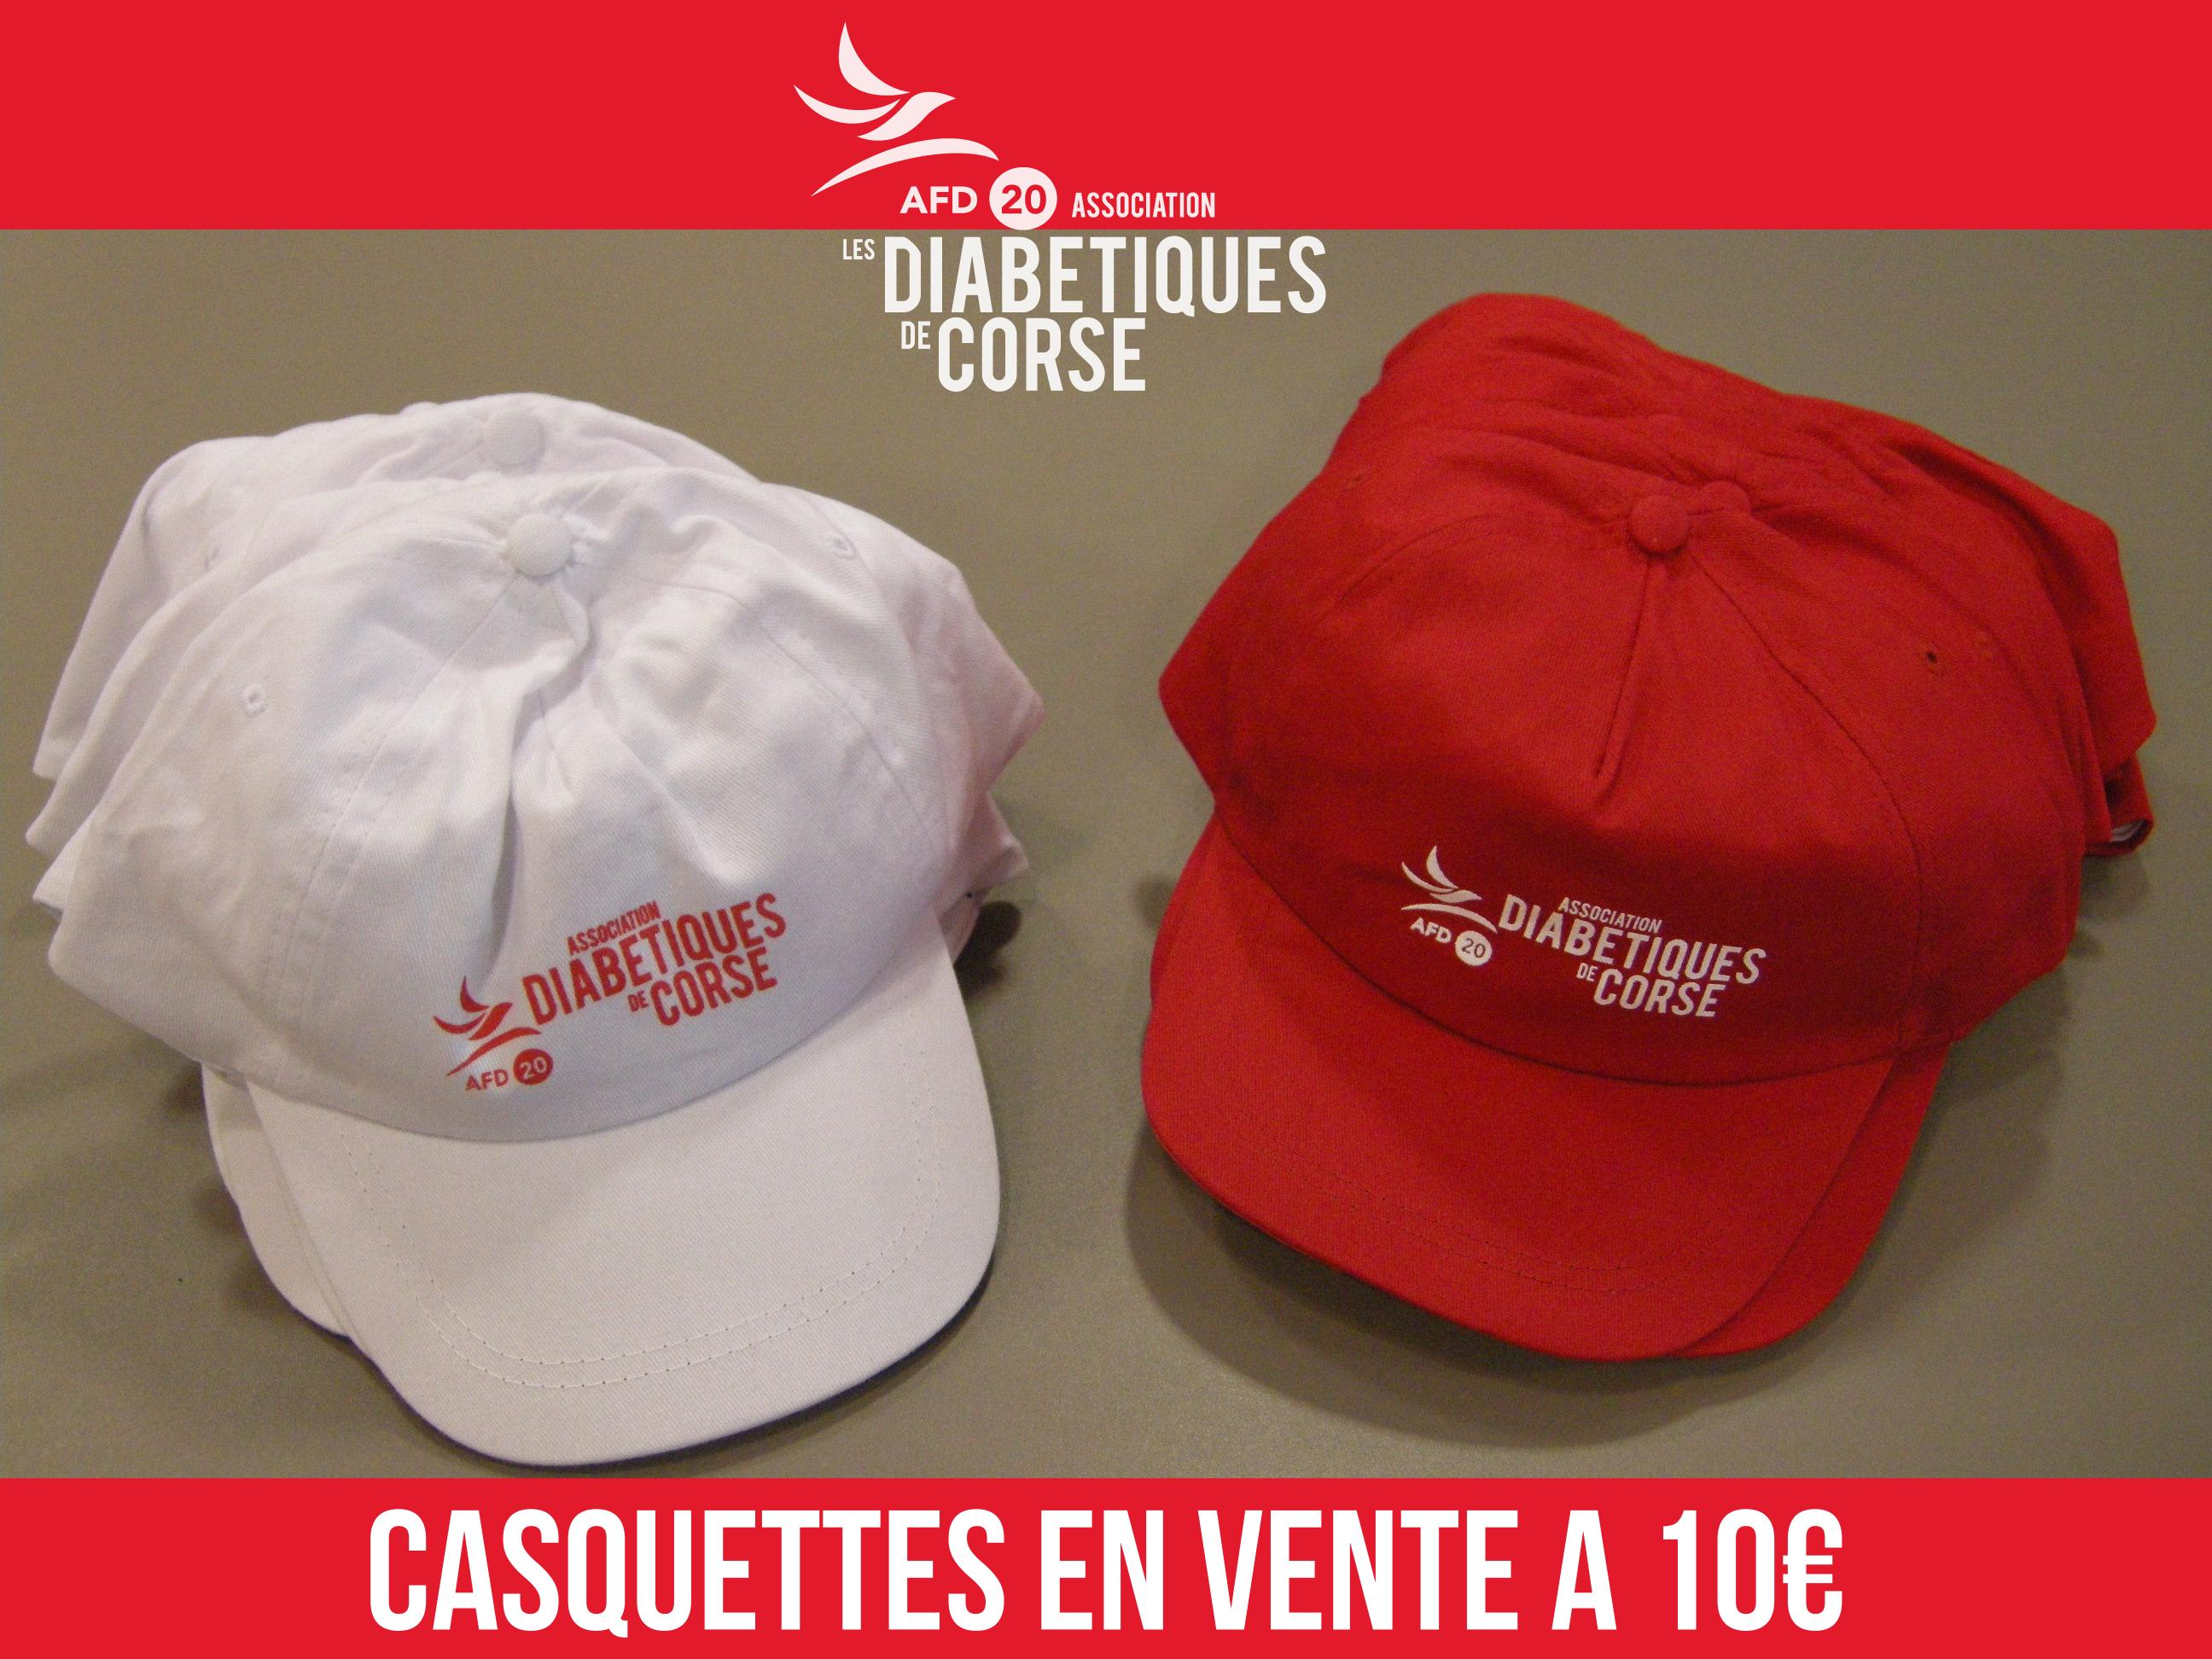 Conception innovante 51efa 8f9d6 Vente de casquettes | Les Diabétiques de Corse – AFD20 – Les ...